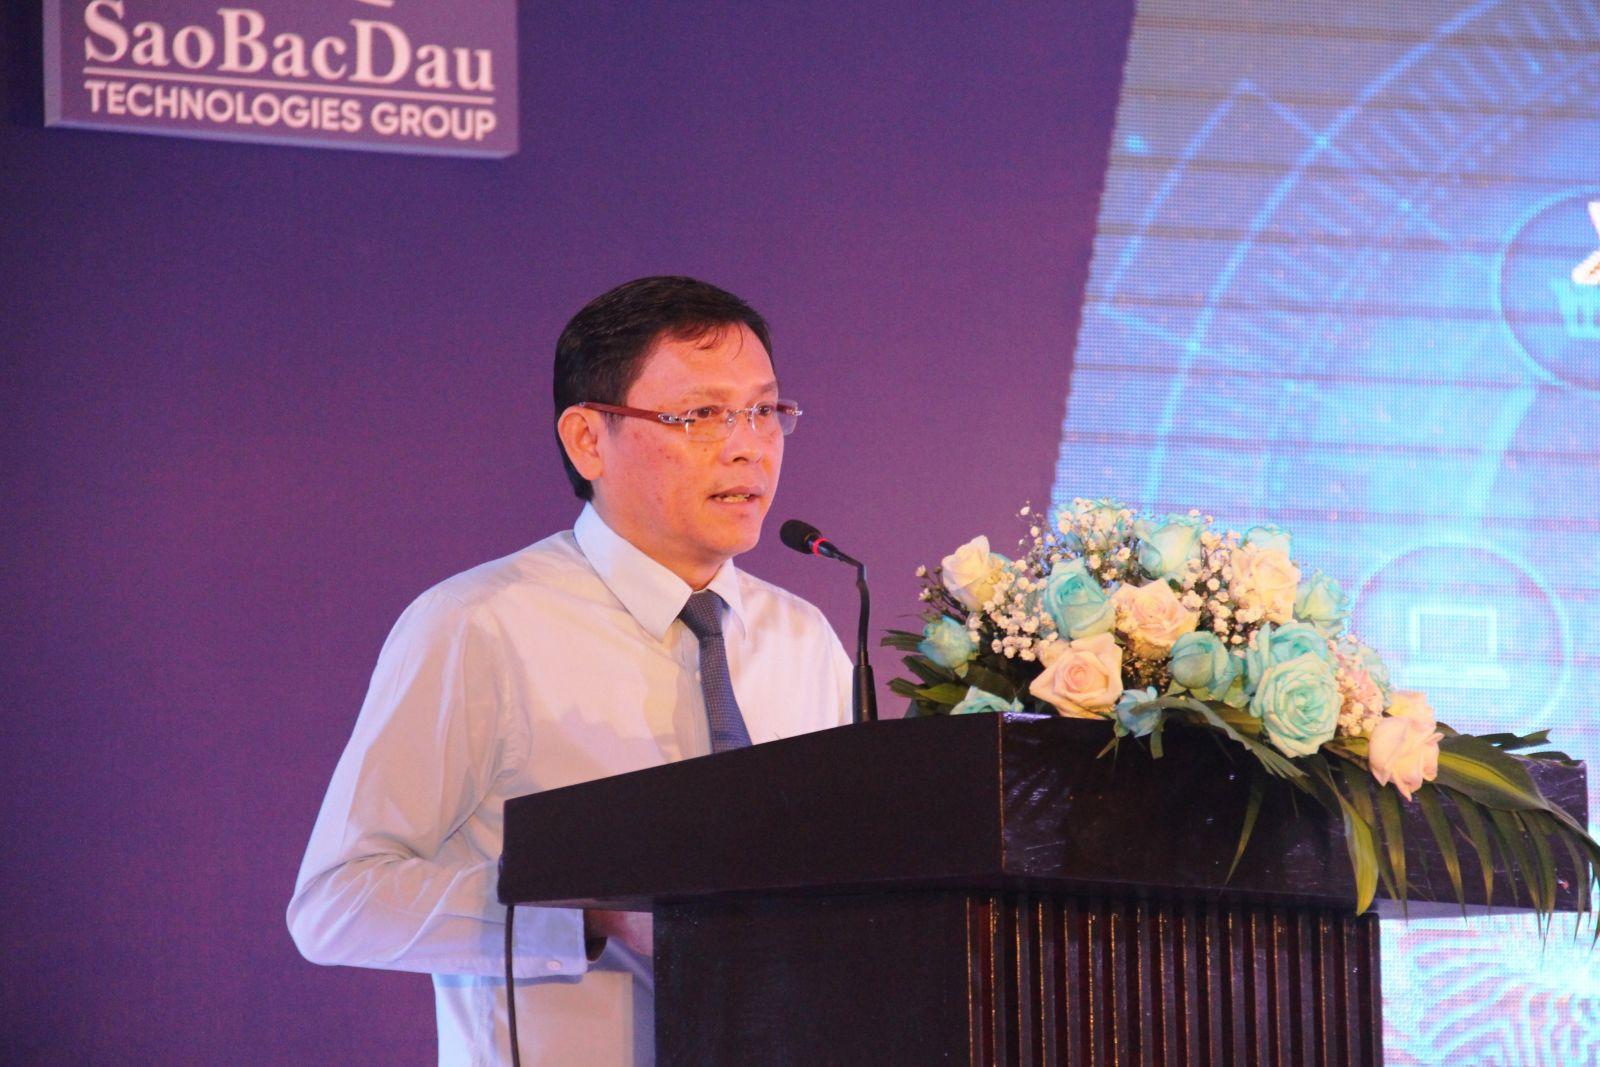 Đắk Lắk: Chuyển đổi số để thúc đẩy sự phát triển về kinh tế và xã hội